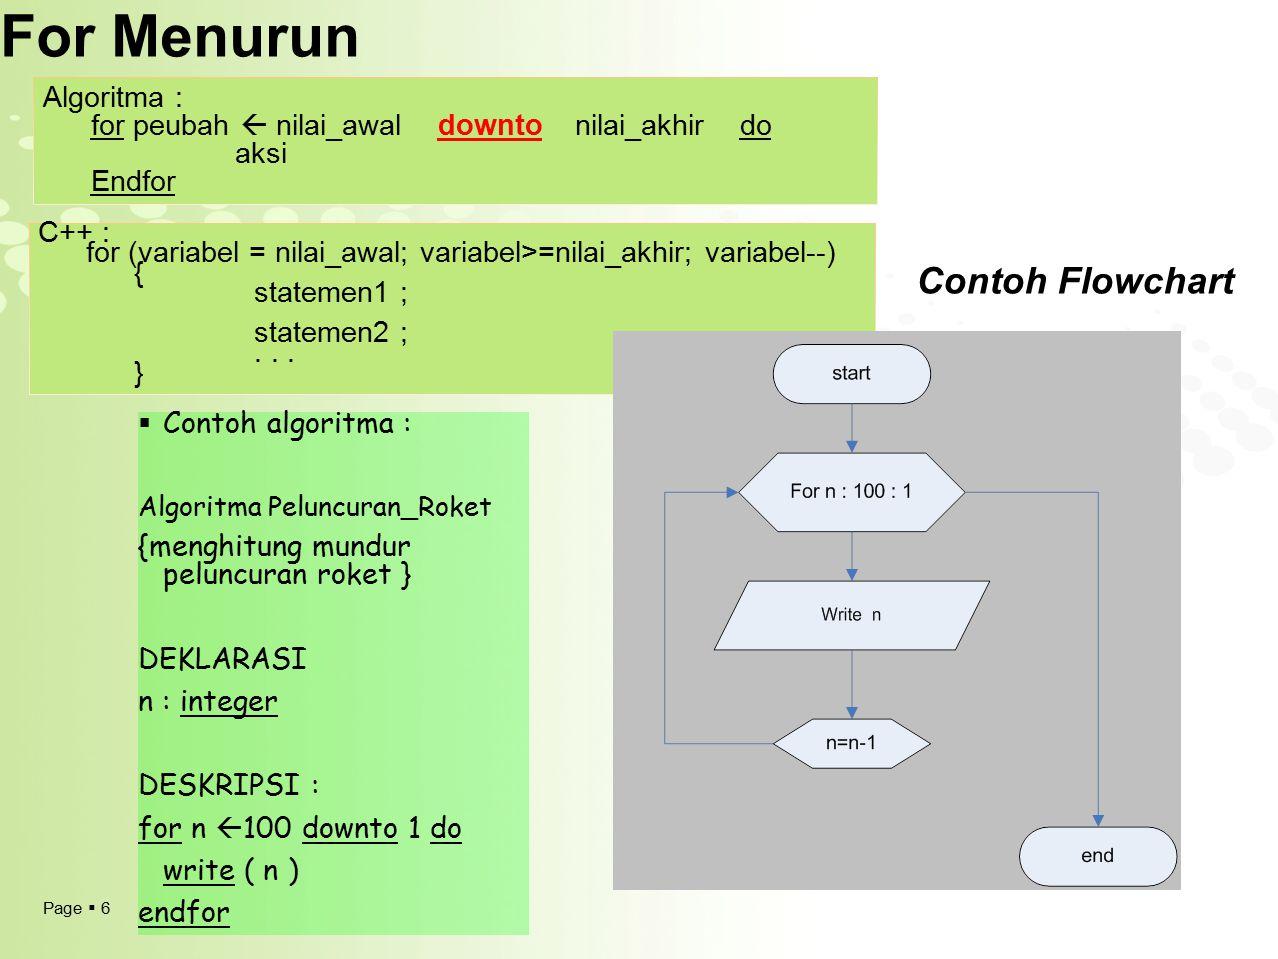 For Menurun Contoh Flowchart Algoritma :